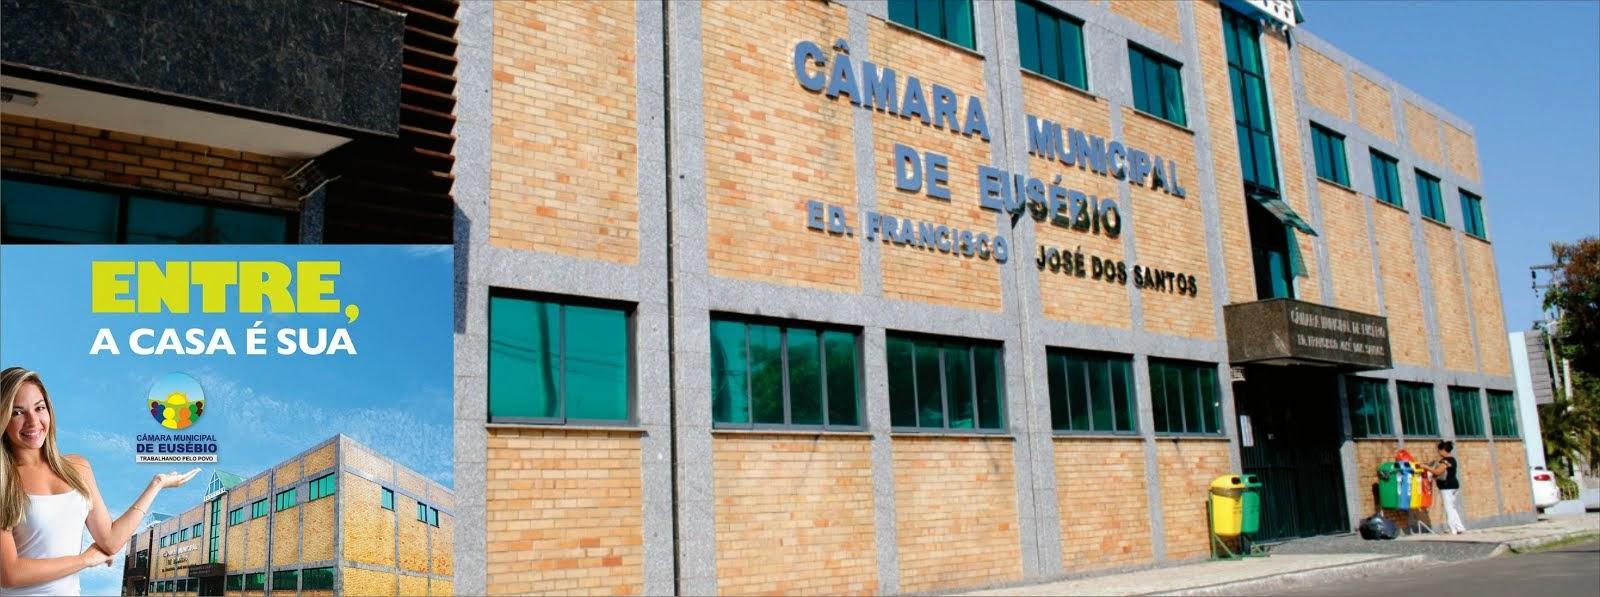 Câmara Municipal de Eusébio